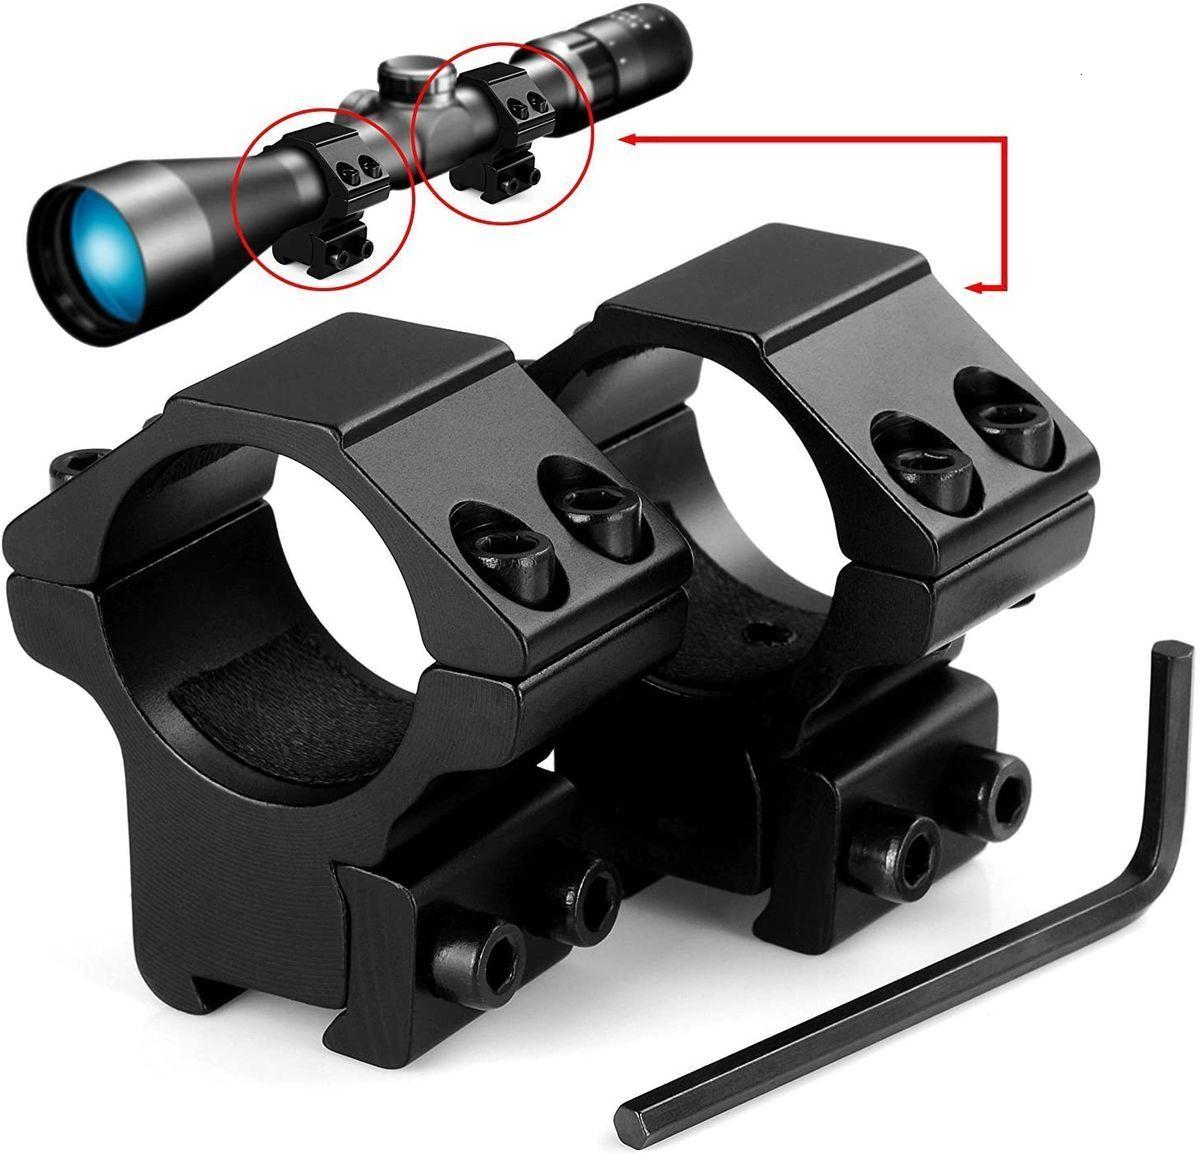 """Lirisy 1 """"Компания Mount Low Profian Profile Rings для 11 мм доветейных рельсов (2 шт.)"""